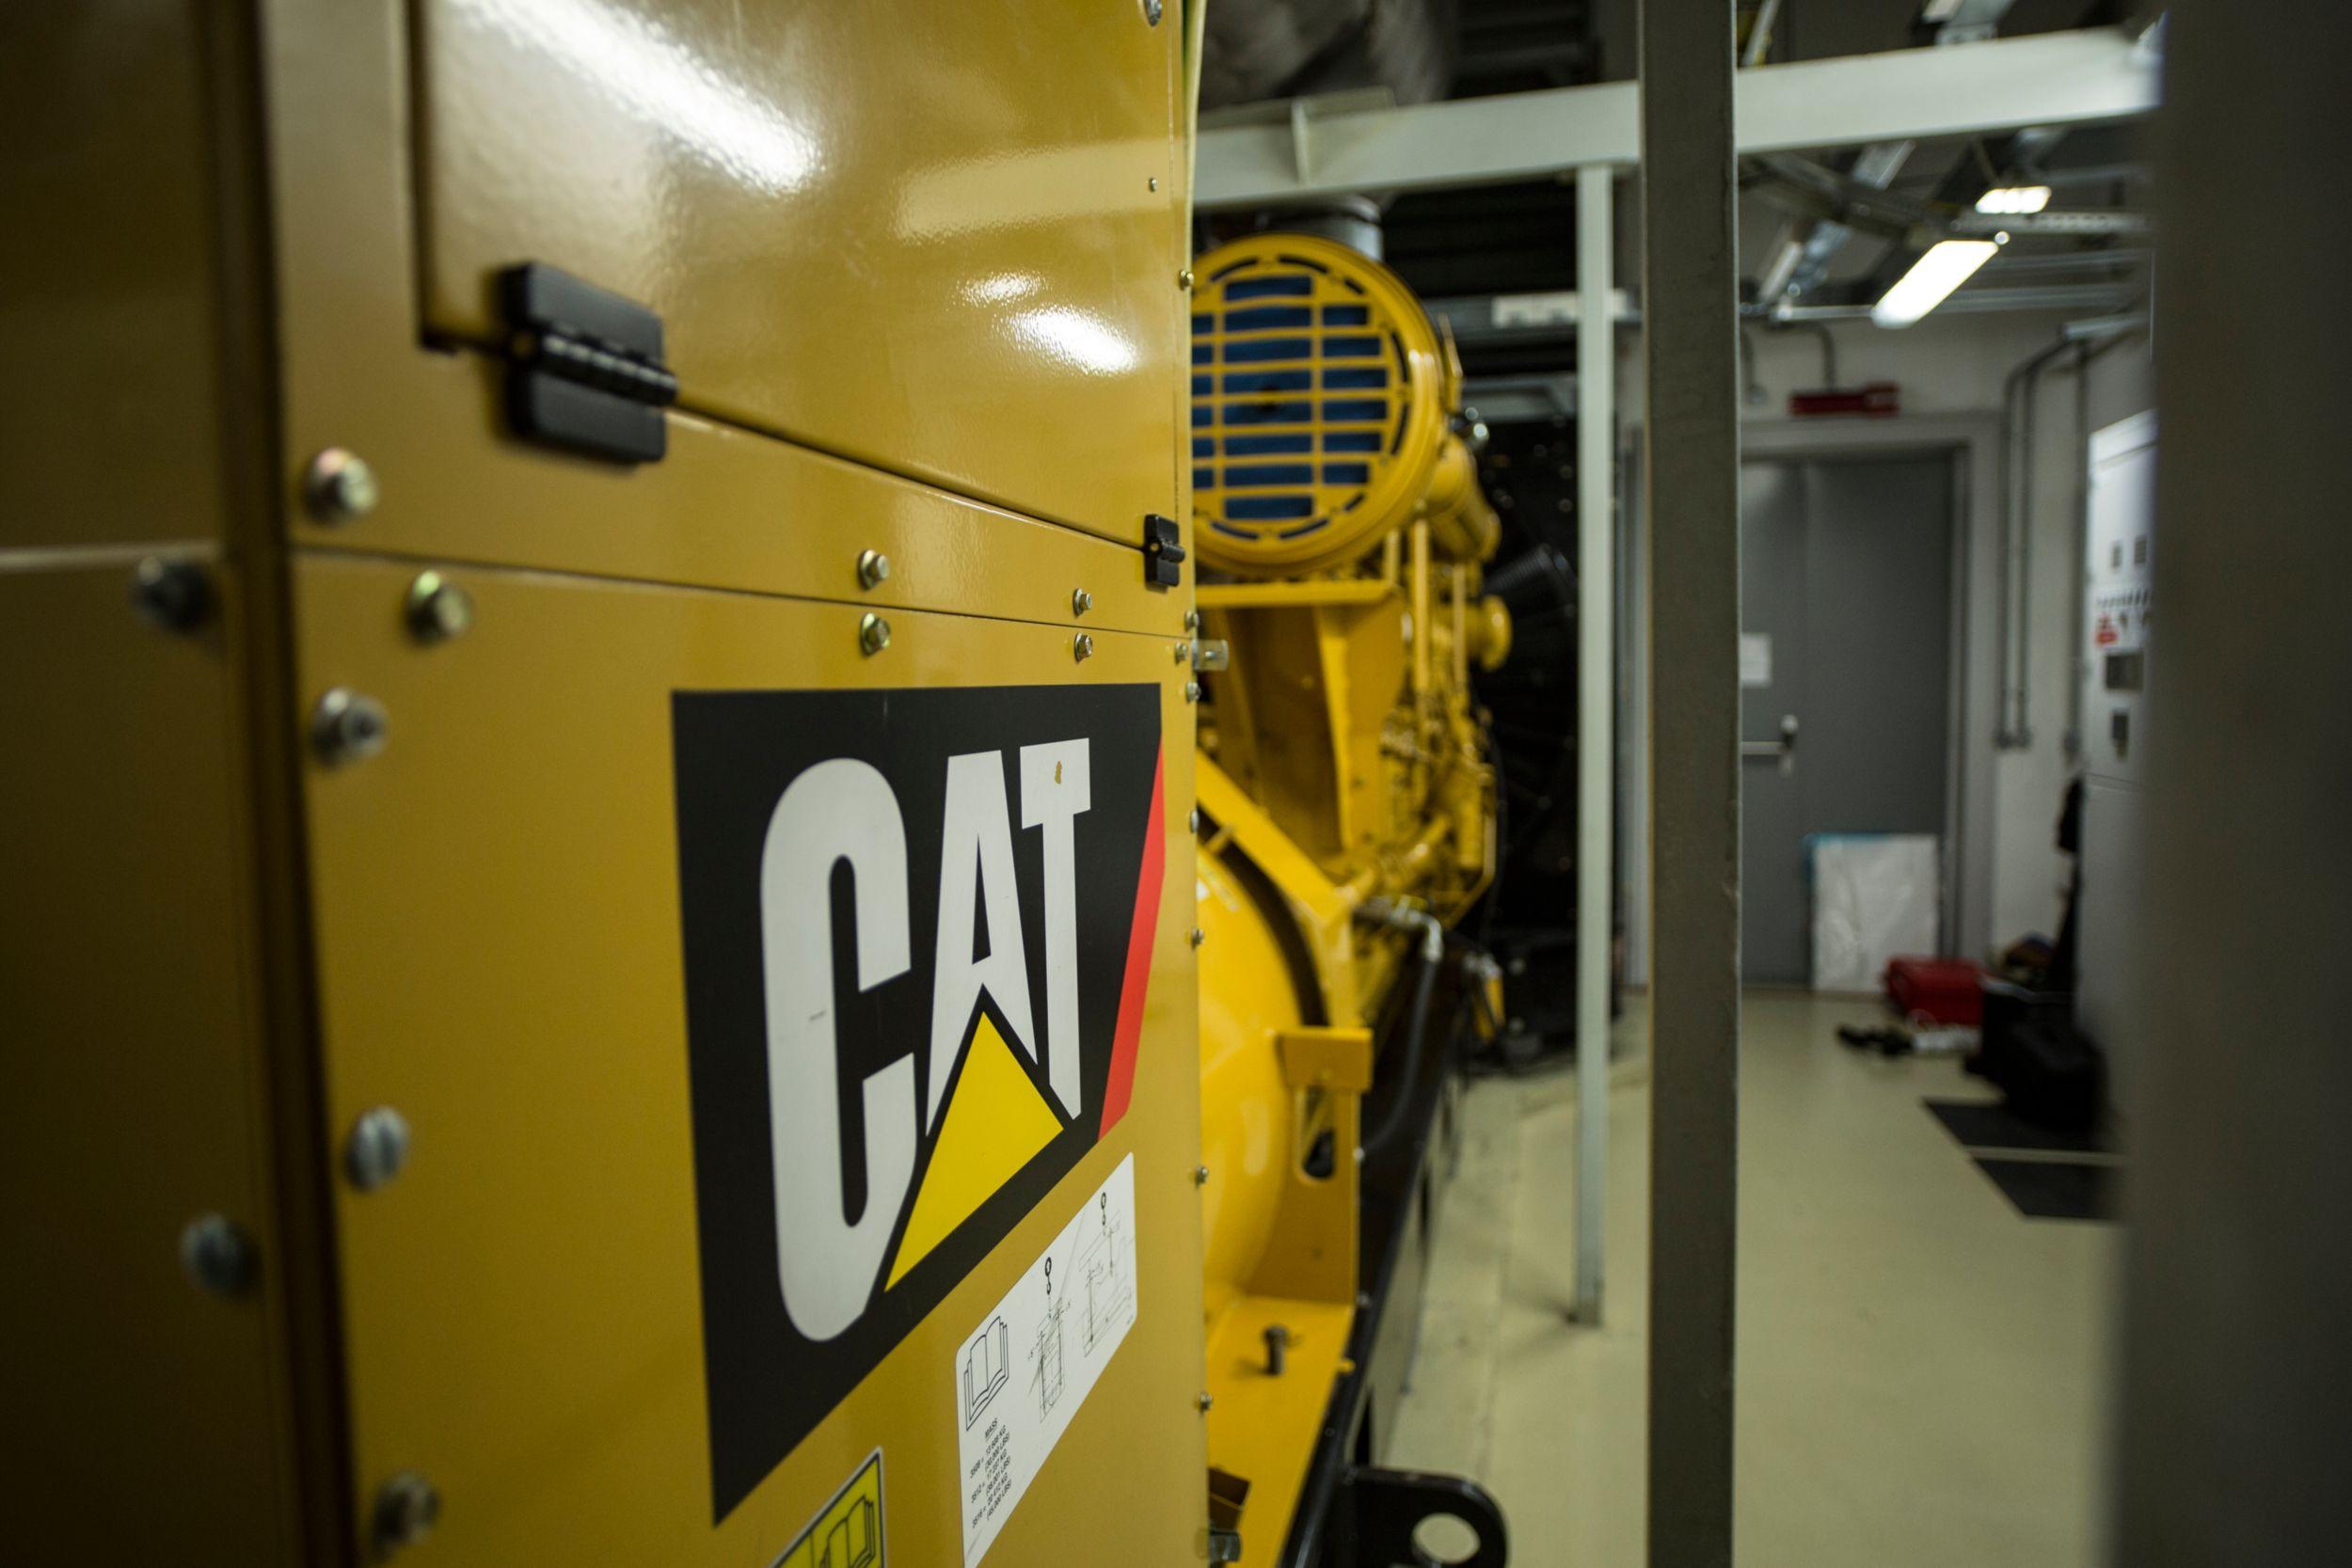 Шесть дизельных генераторных установок Cat® C175-16, полная мощность каждой из которых составляет 3000 кВА, должны обеспечивать аварийное электропитание в случае отключения сетевого электропитания.